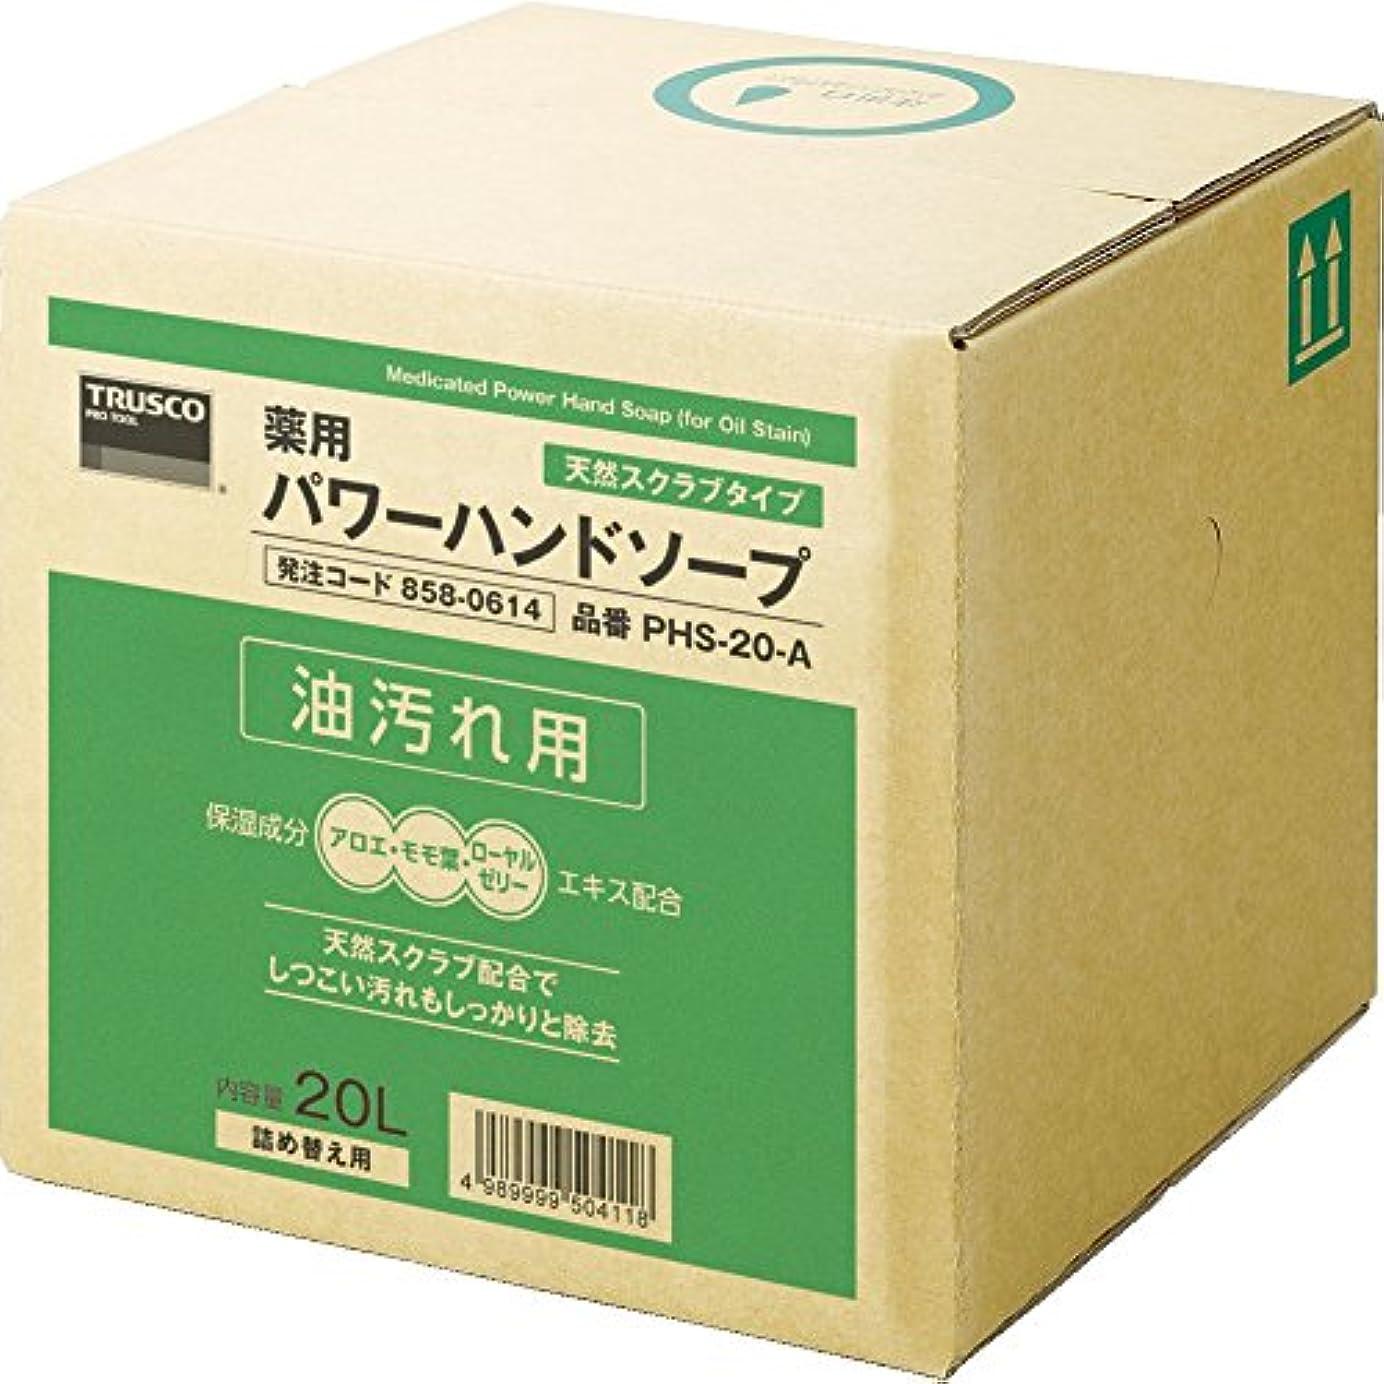 抹消チューブアラバマTRUSCO(トラスコ) 薬用パワーハンドソープ 20L PHS-20-A